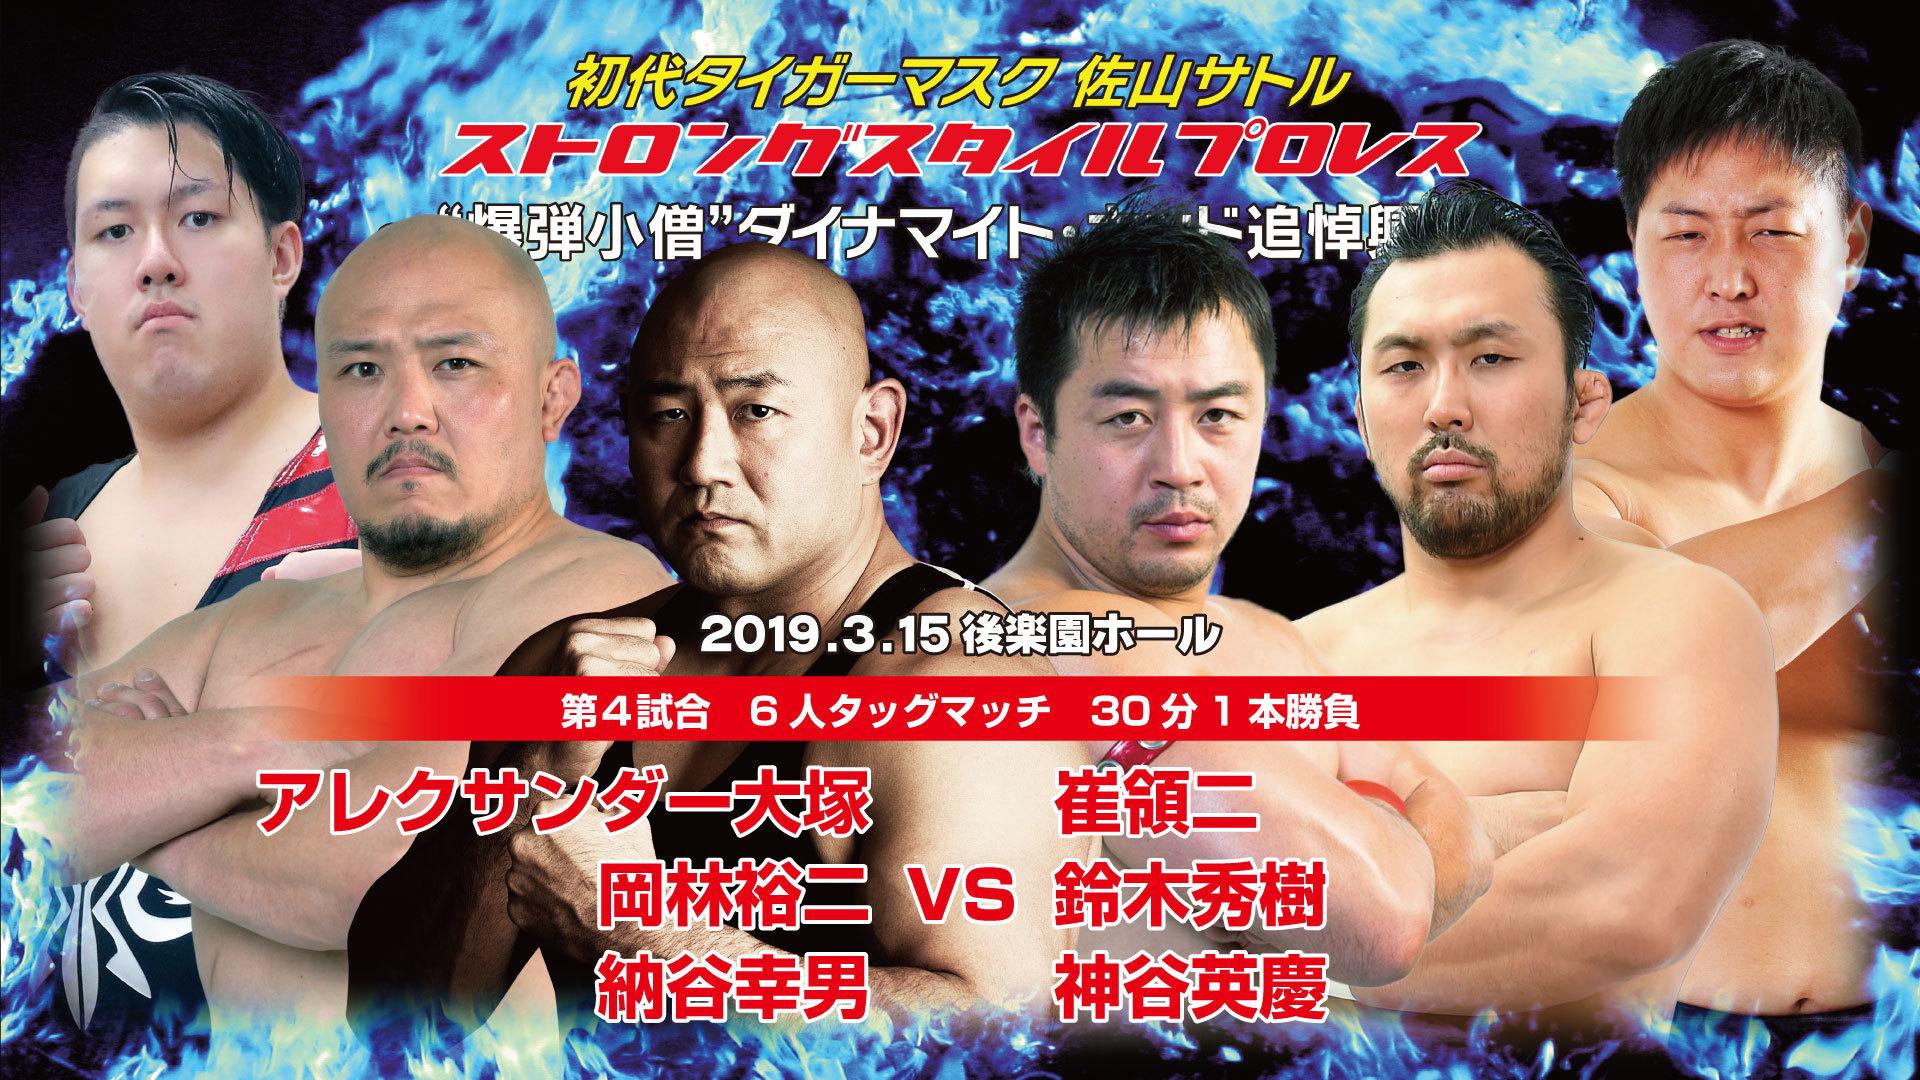 第4試合は納谷幸男も参戦する6人タッグマッチ30分1本勝負